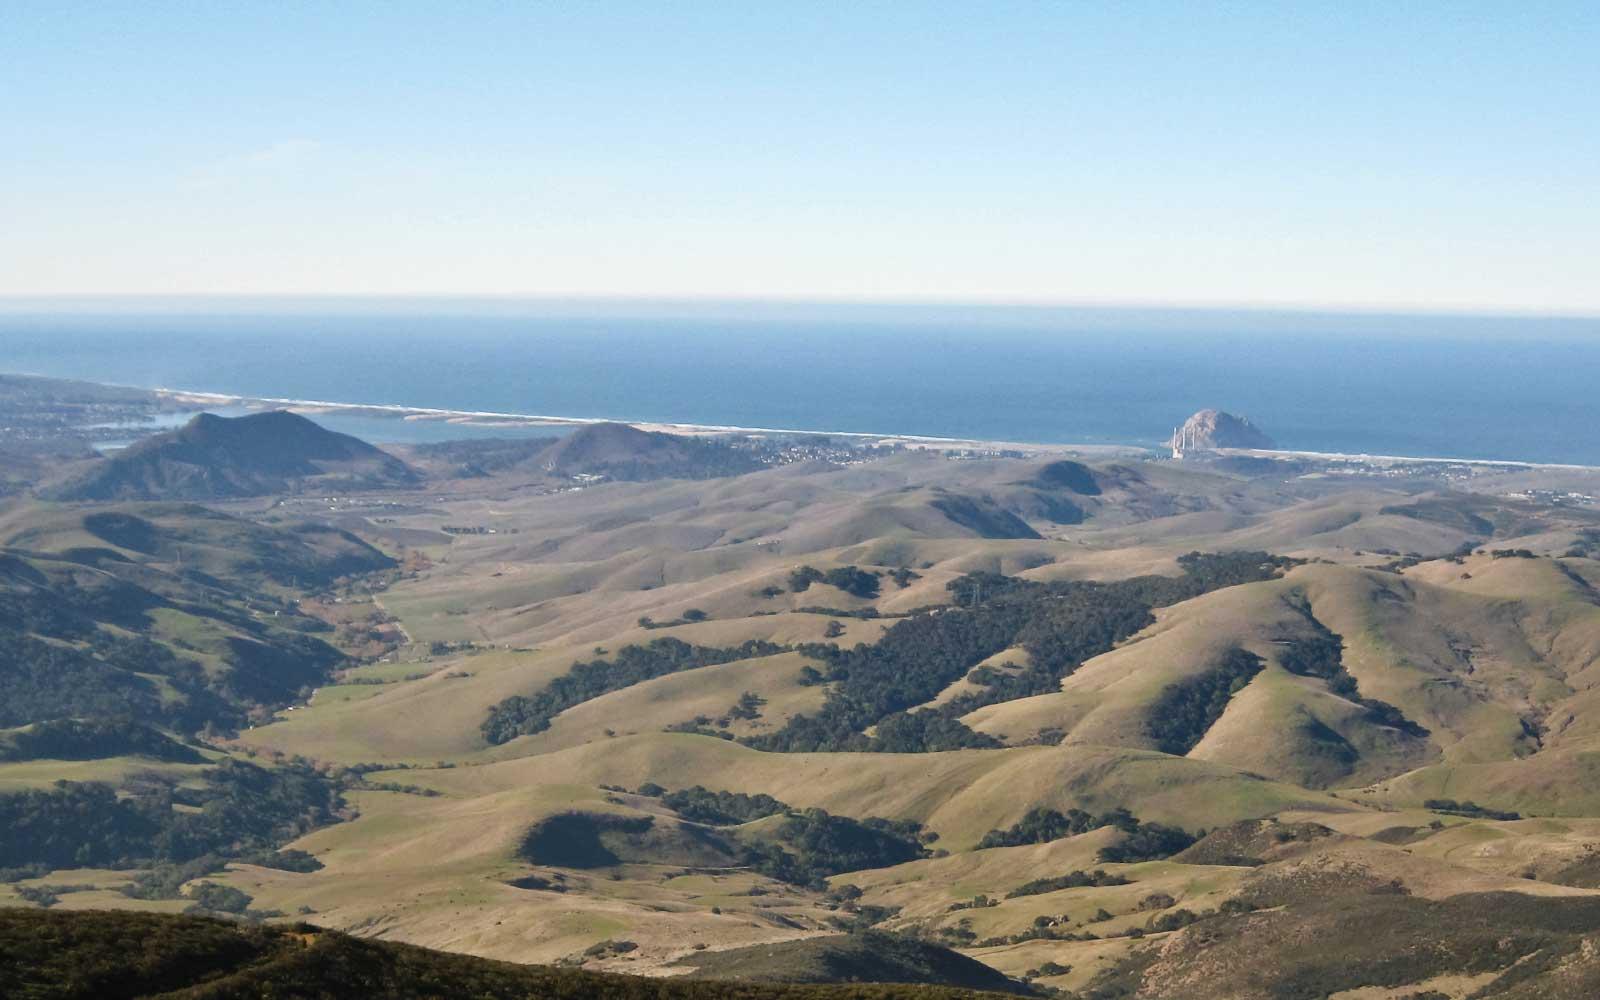 View from Cerro-Alto